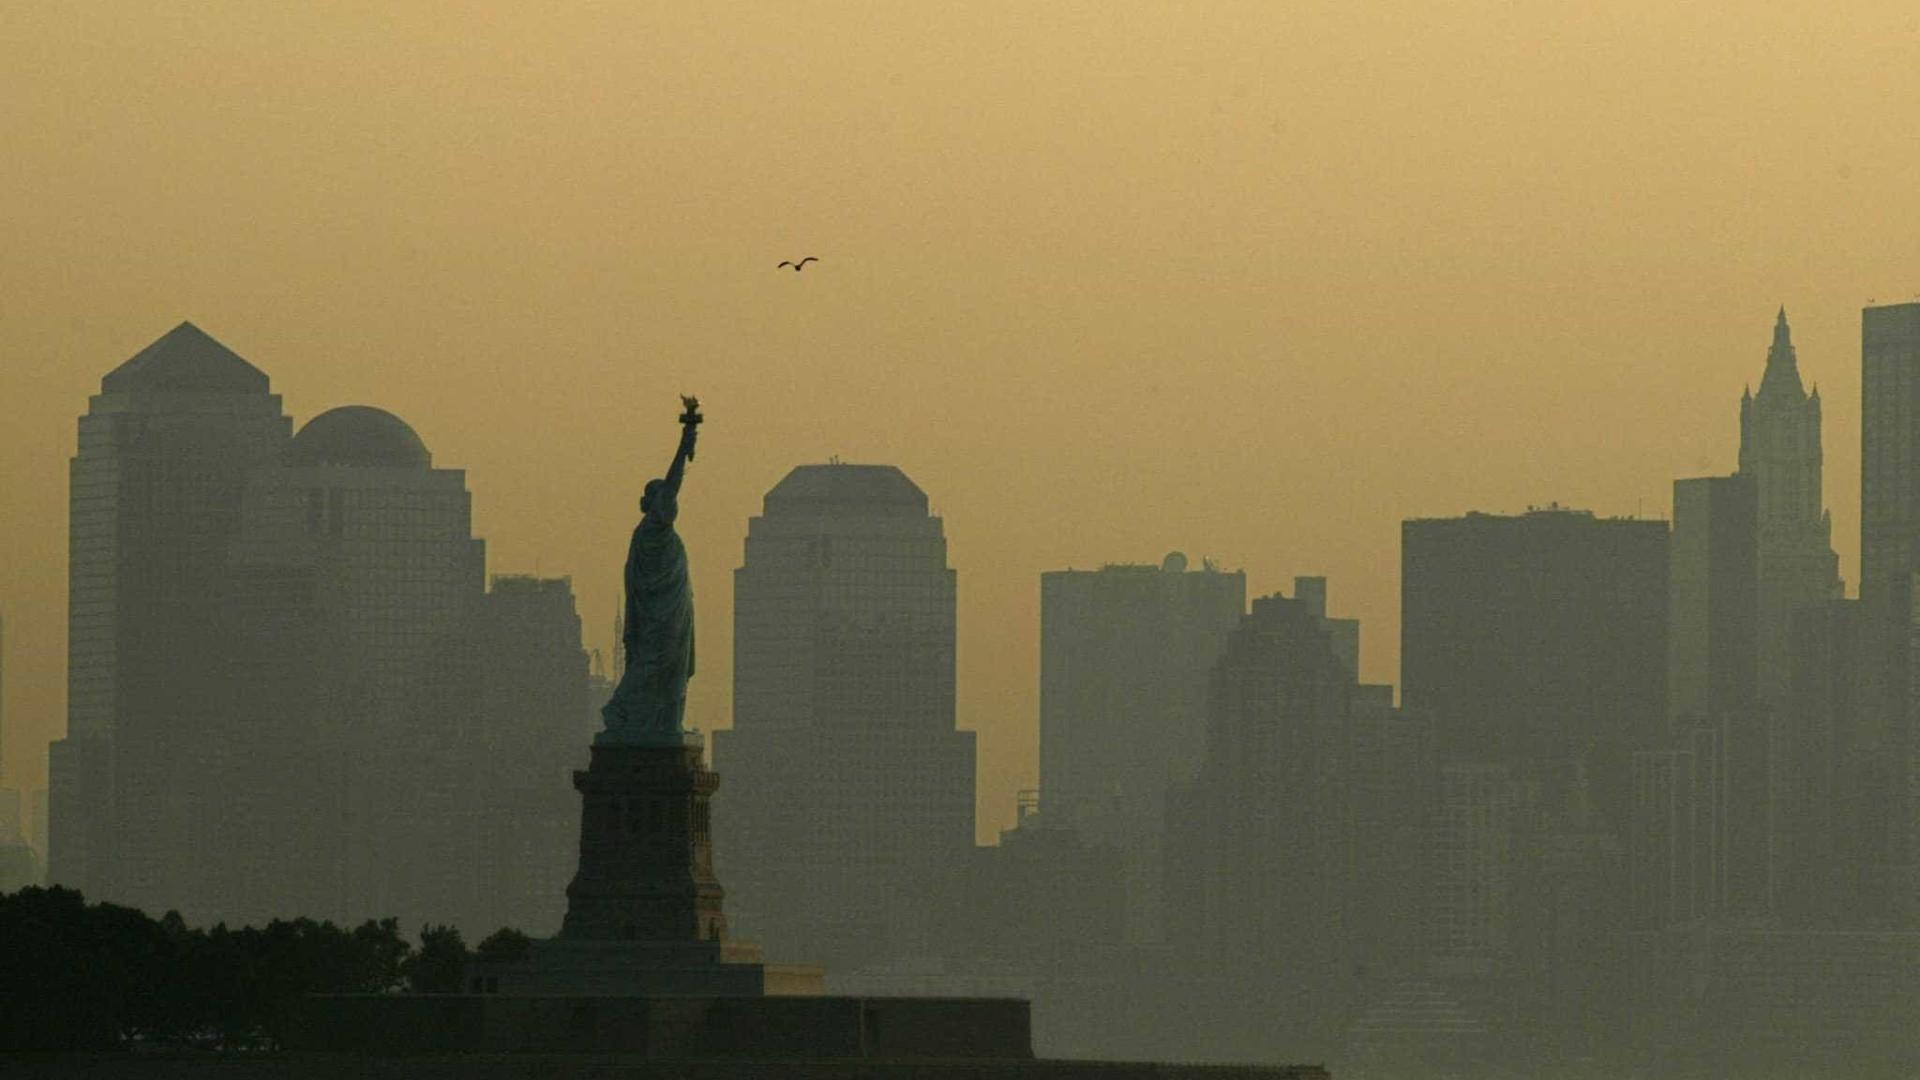 Discurso de nova torre do World Trade Center ignora segurança